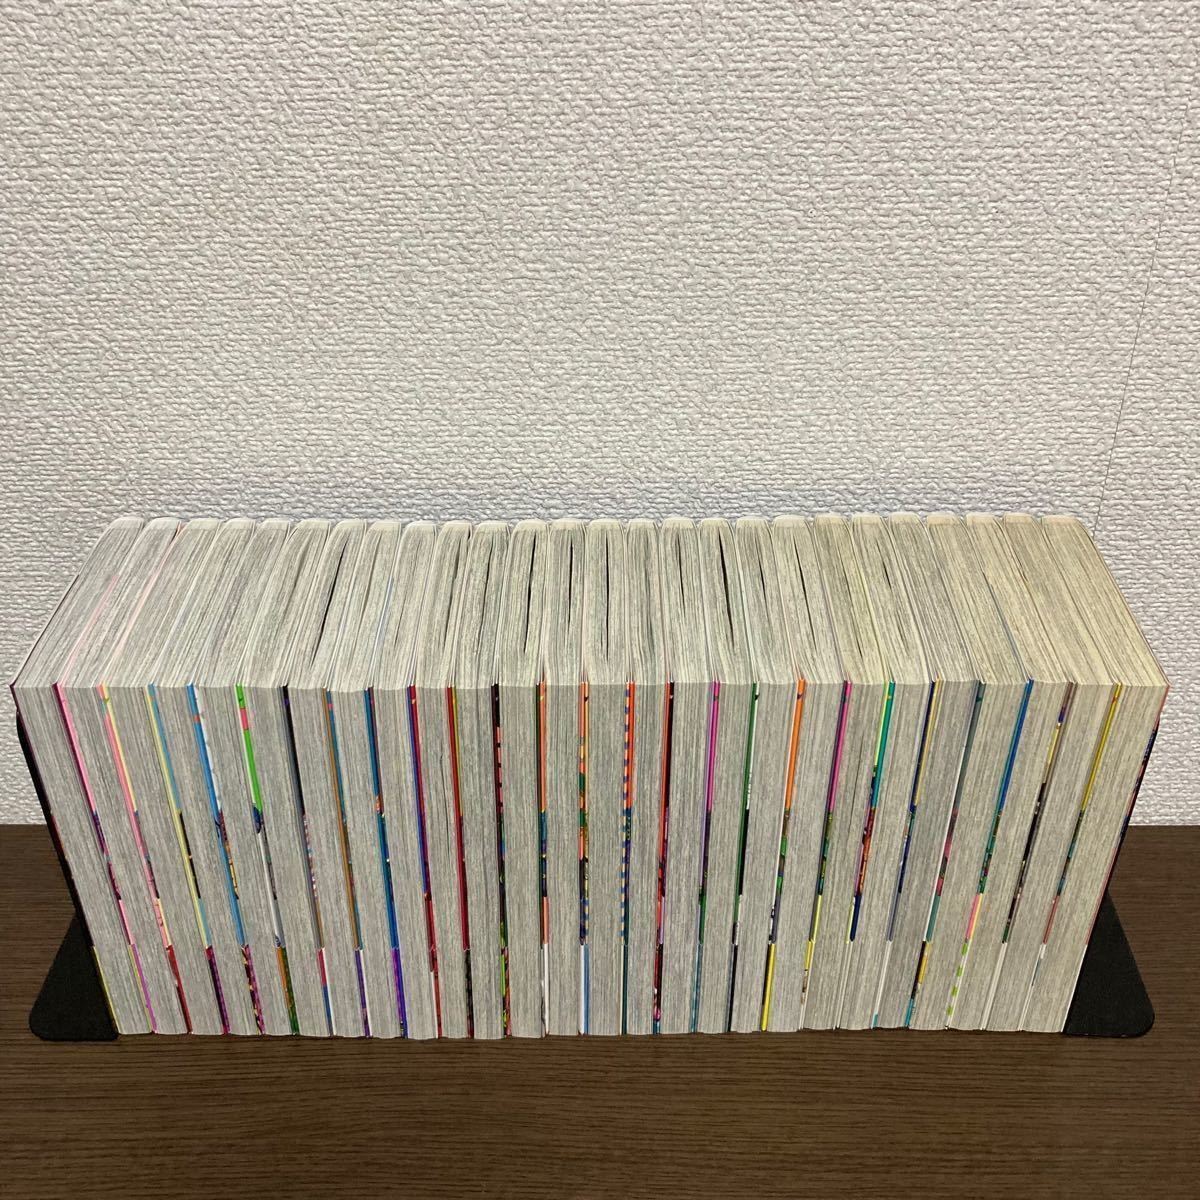 【全巻初版帯付き】ジョジョリオン 1〜27巻完結セット【ジャンパラ等多数有】